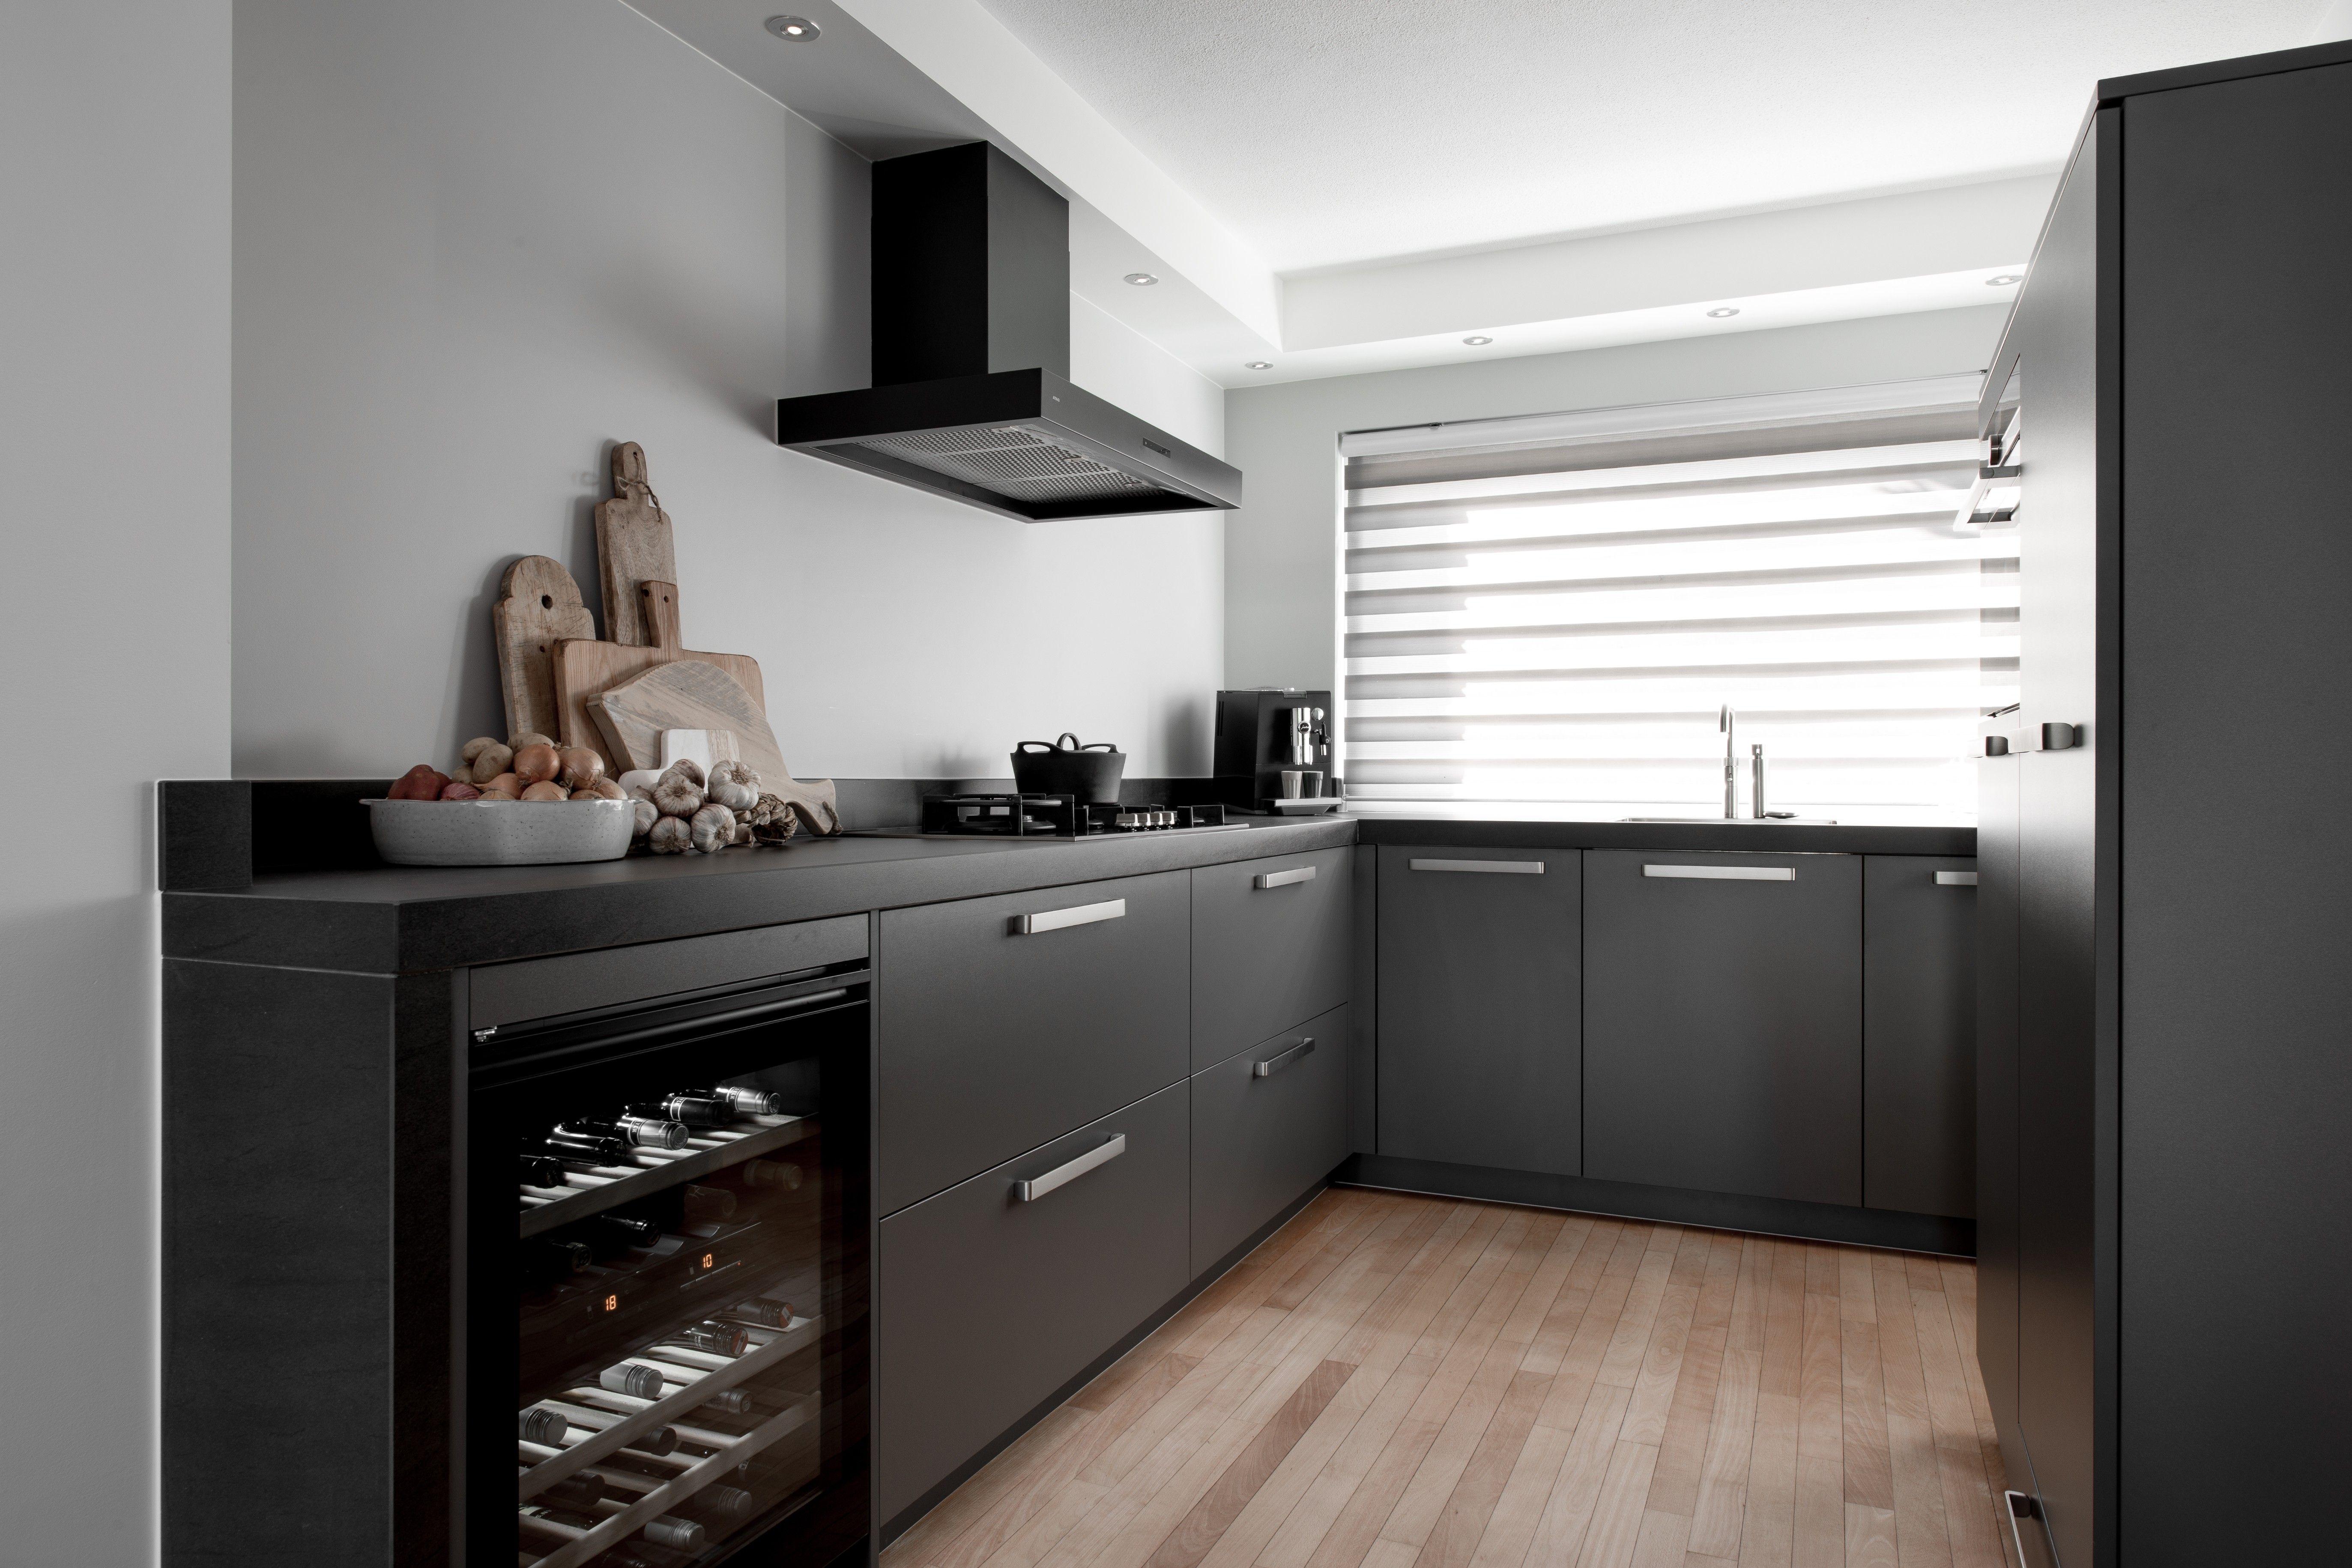 Wijnkoelkast De Keuken : Een donkergrijze keuken met witte wanden zwarte apparatuur en een